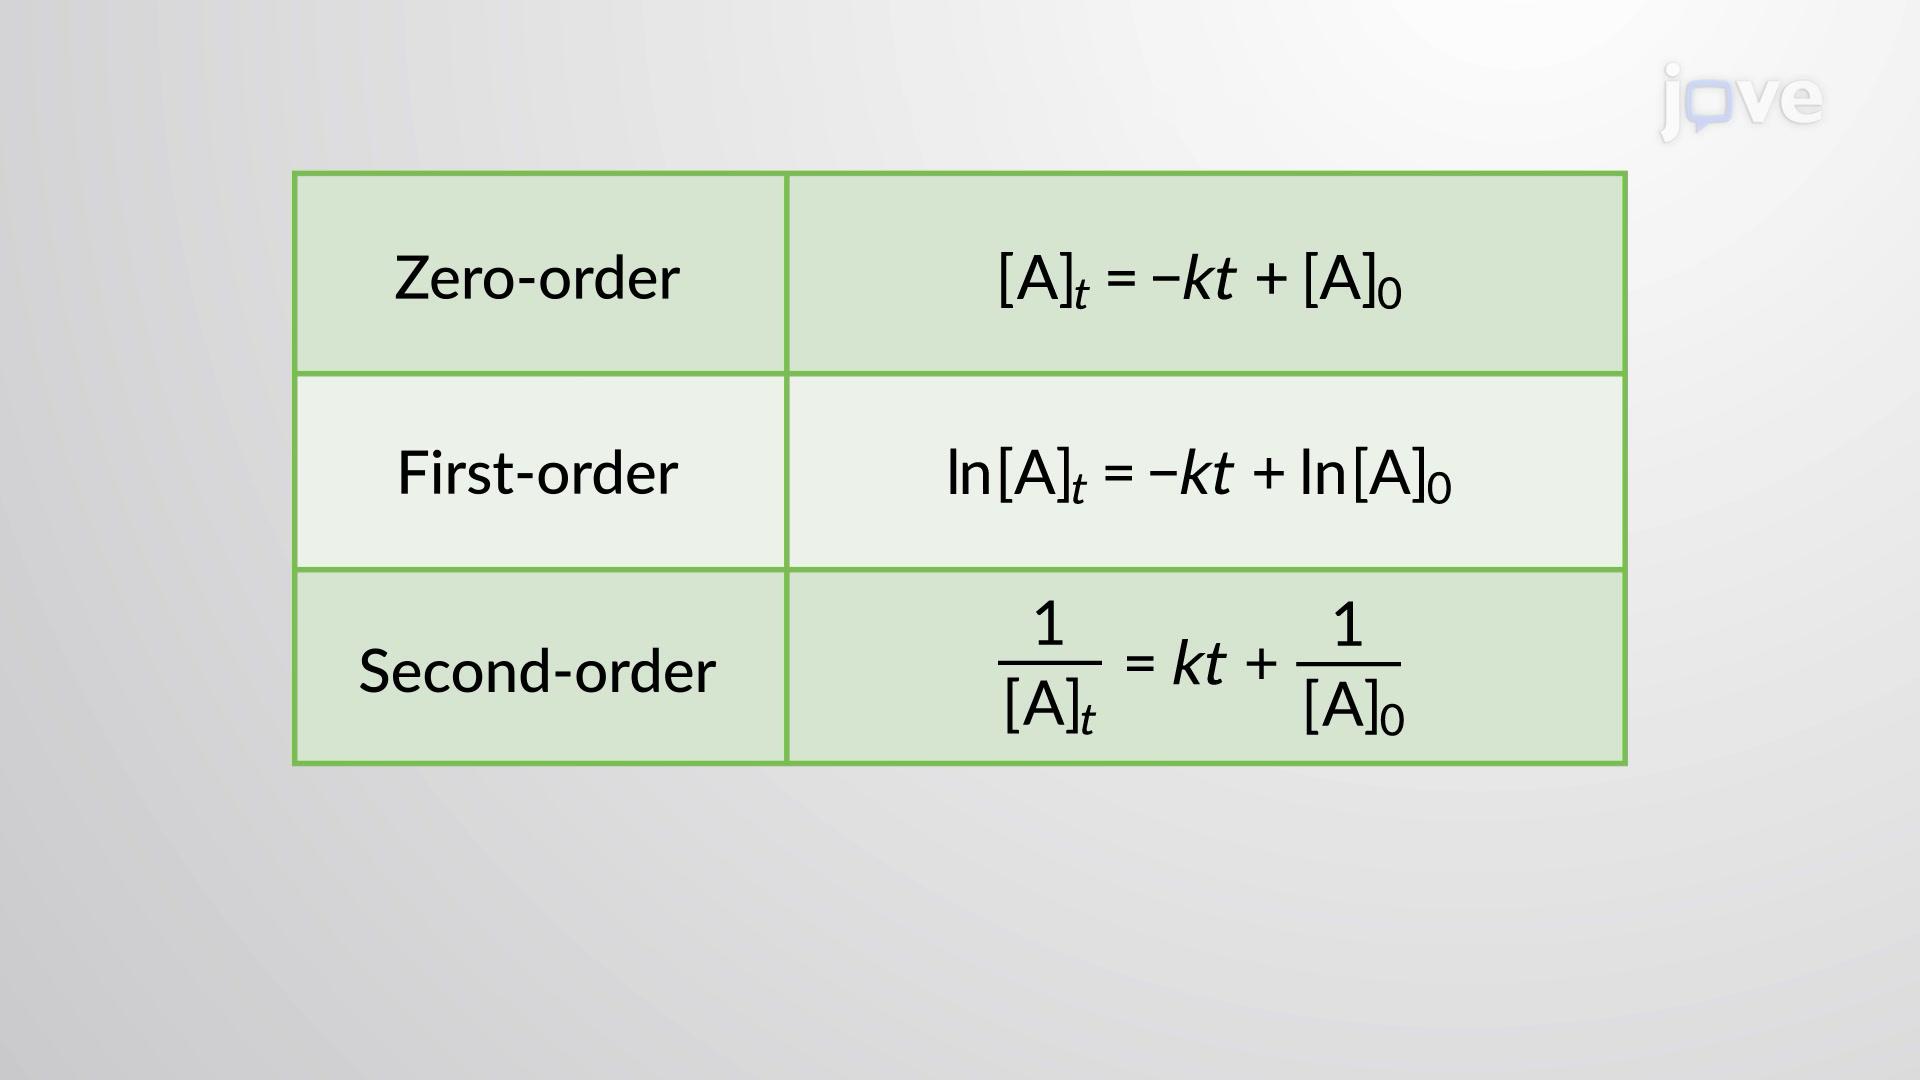 A Lei da Velocidade Integrada: A Dependência da Concentração em Relação ao Tempo